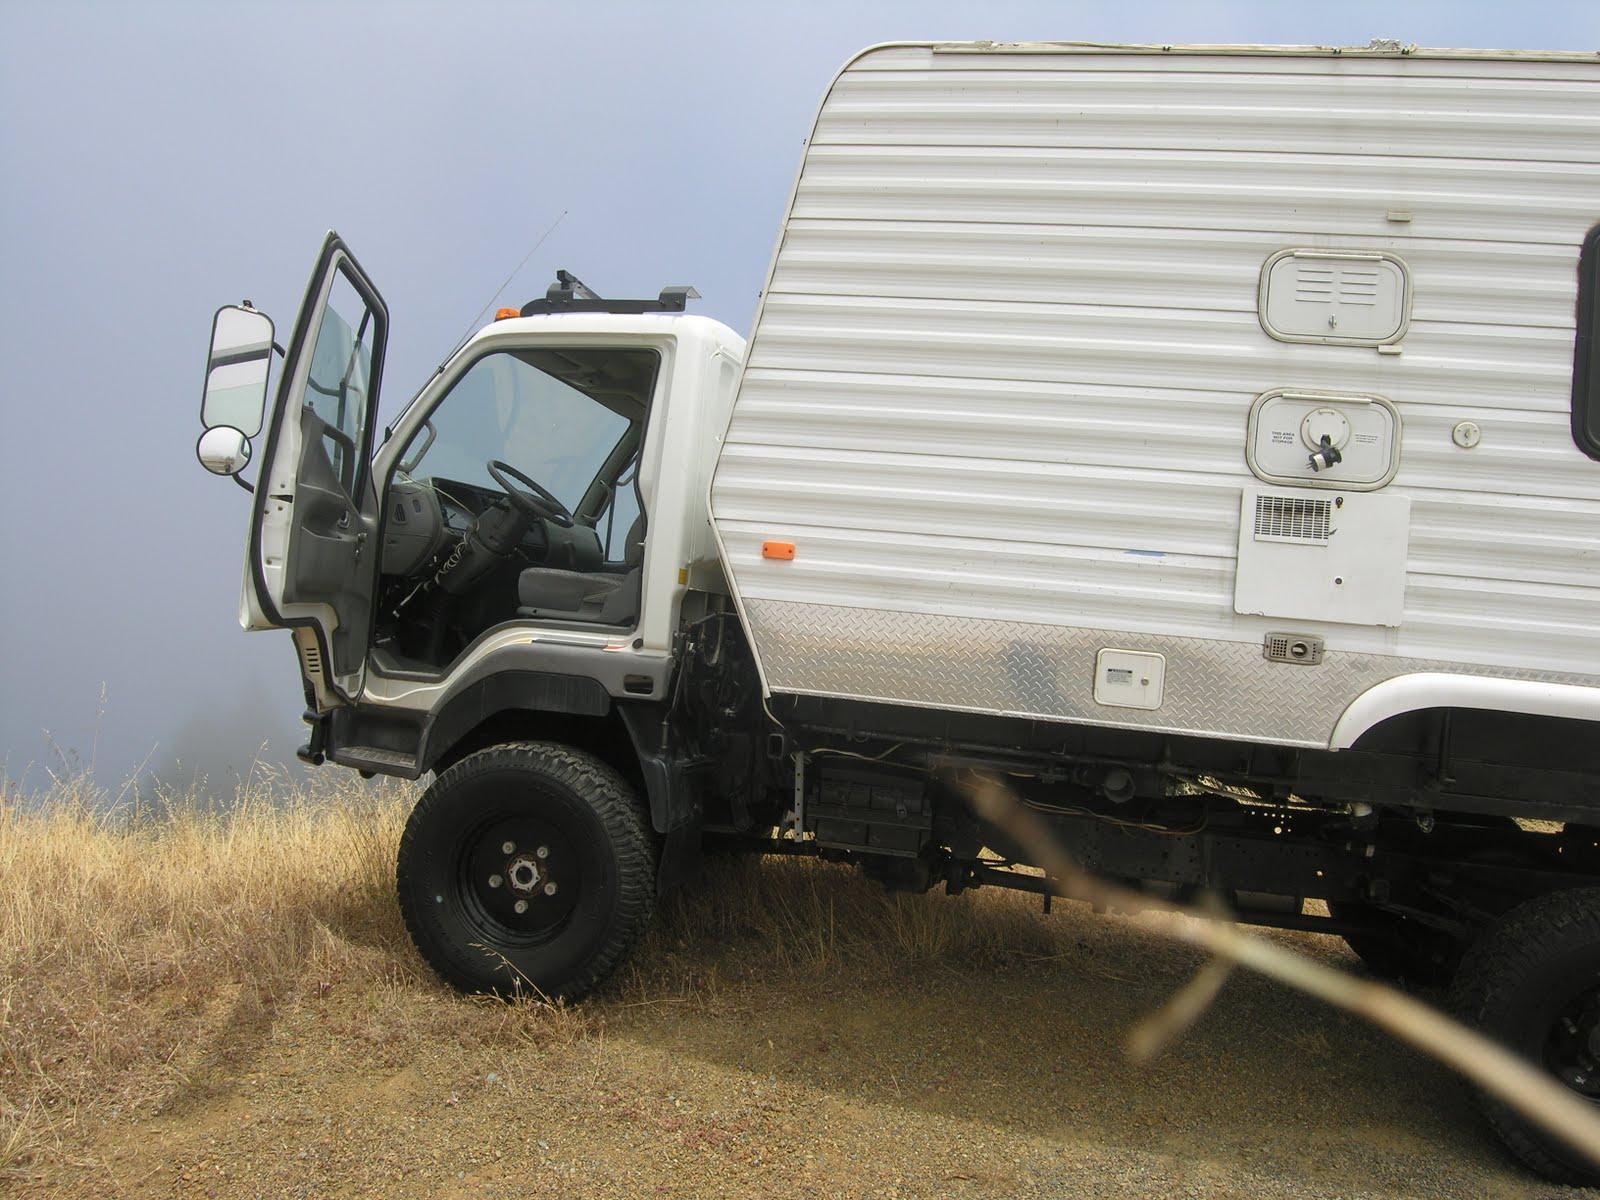 4x4 camper trailer